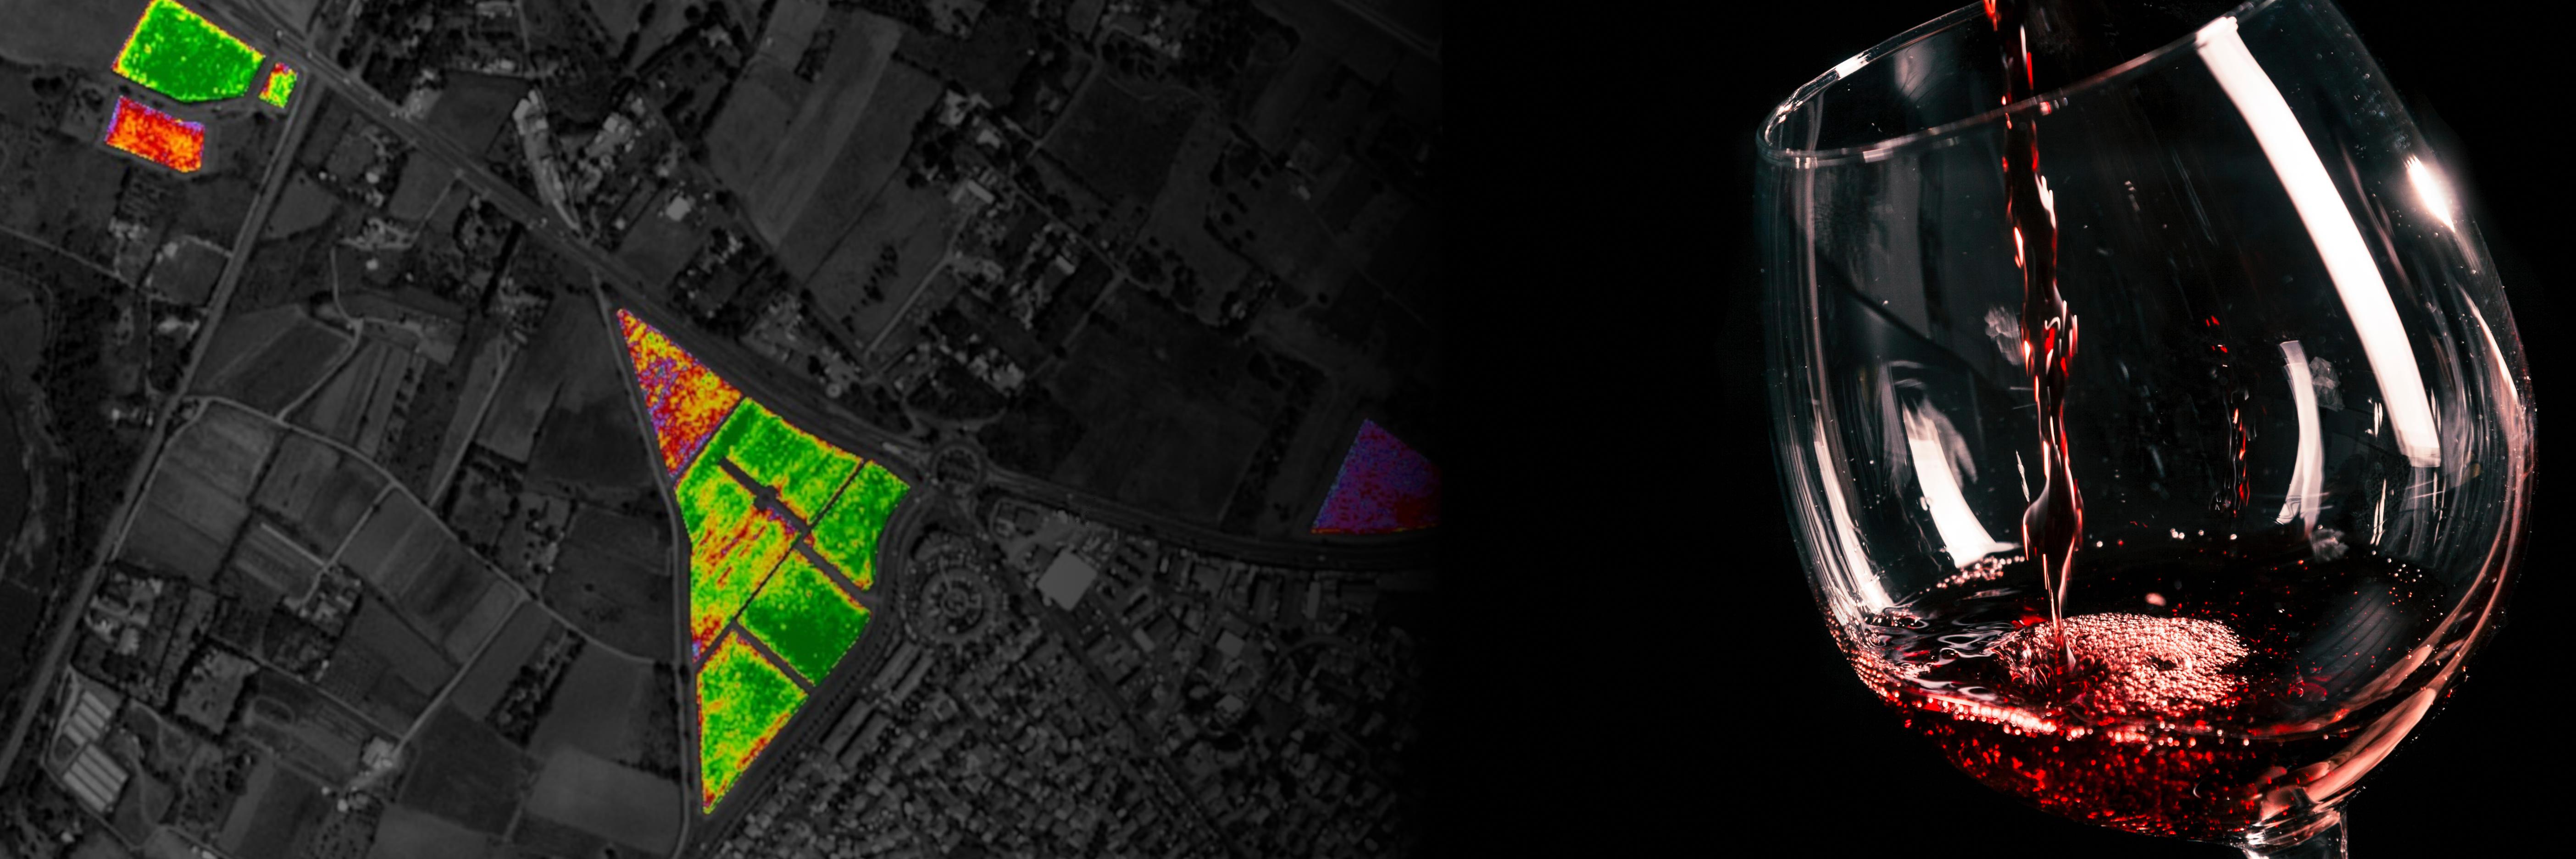 Webinaire : Comment maîtriser le potentiel qualitatif de votre vignoble grâce à l'imagerie satellitaire ?